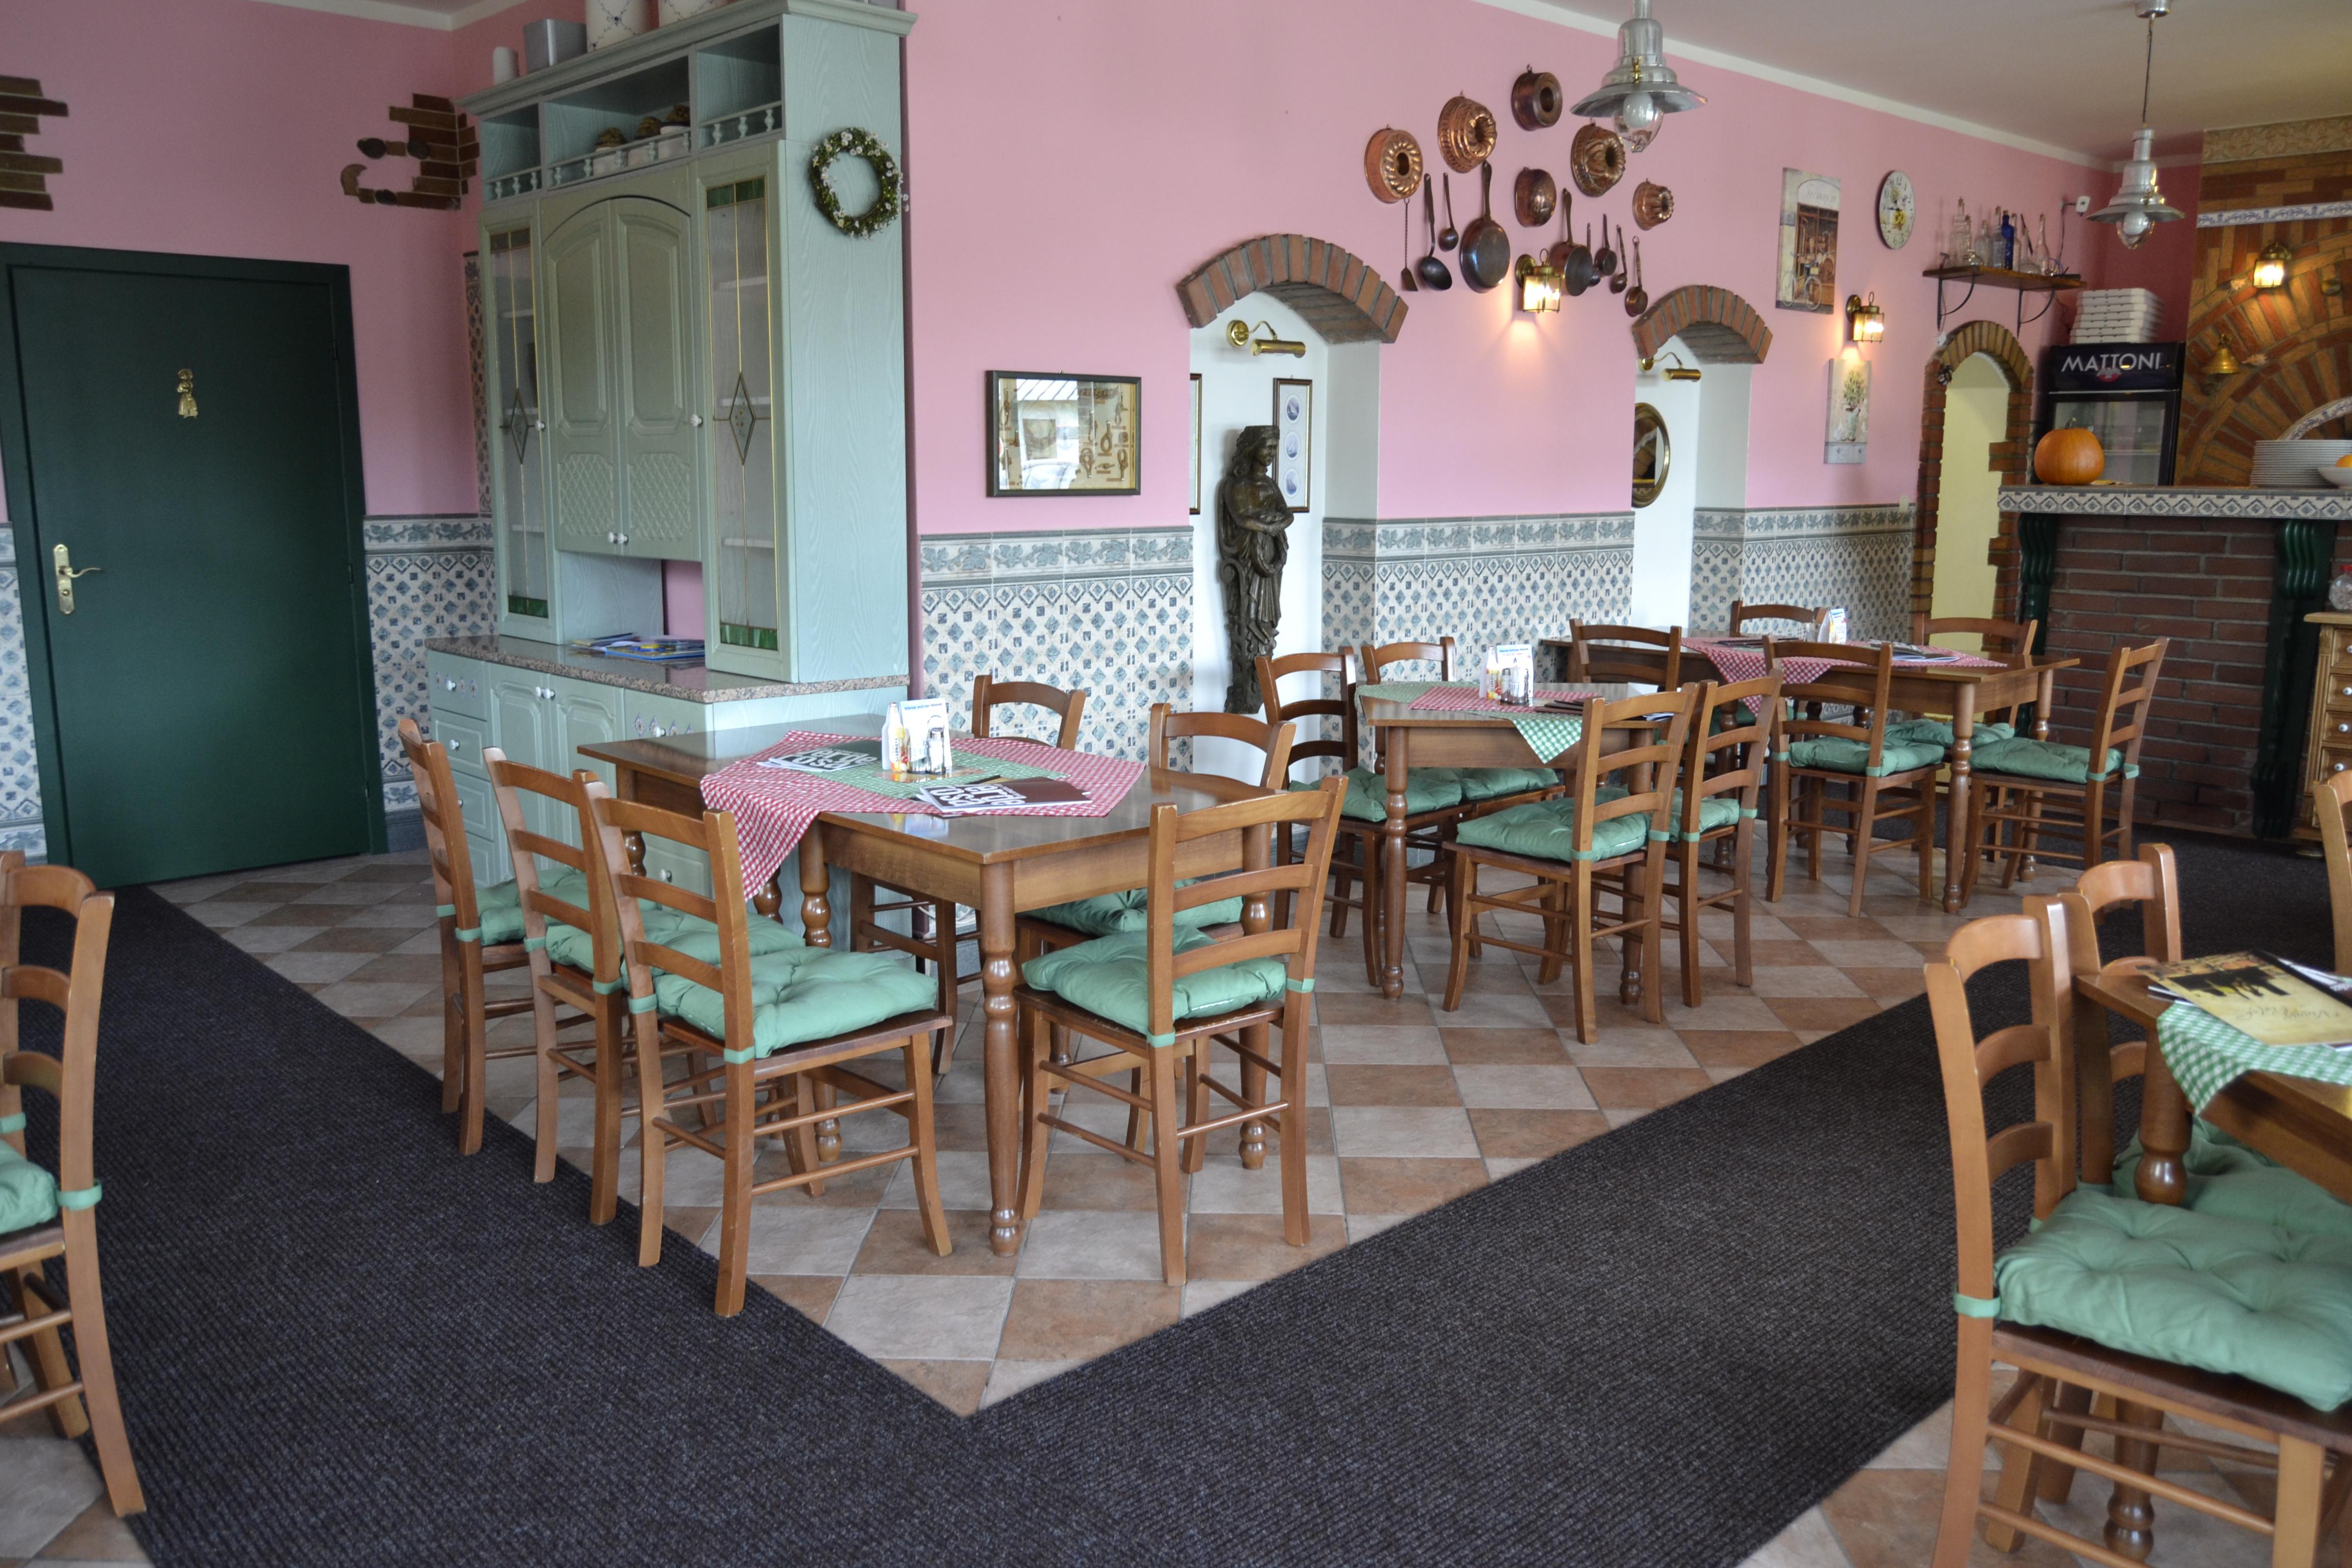 Pizzerie Verde Rosa